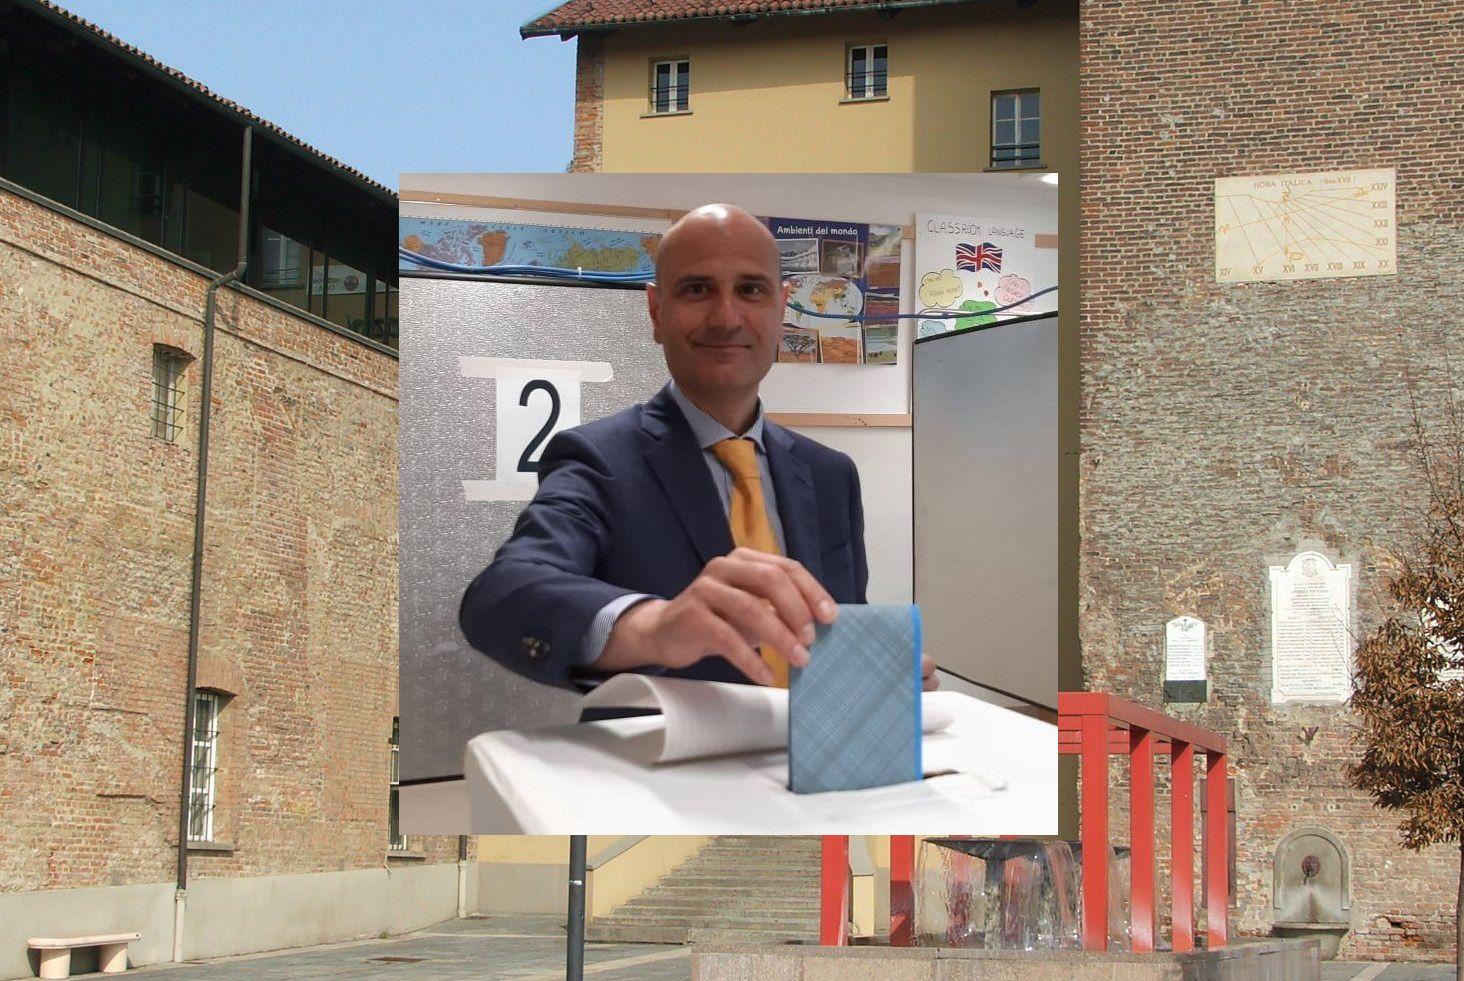 ELEZIONI LEINI - Renato Pittalis porta a termine il ribaltone: è lui il nuovo sindaco di Leini - TUTTI I DATI